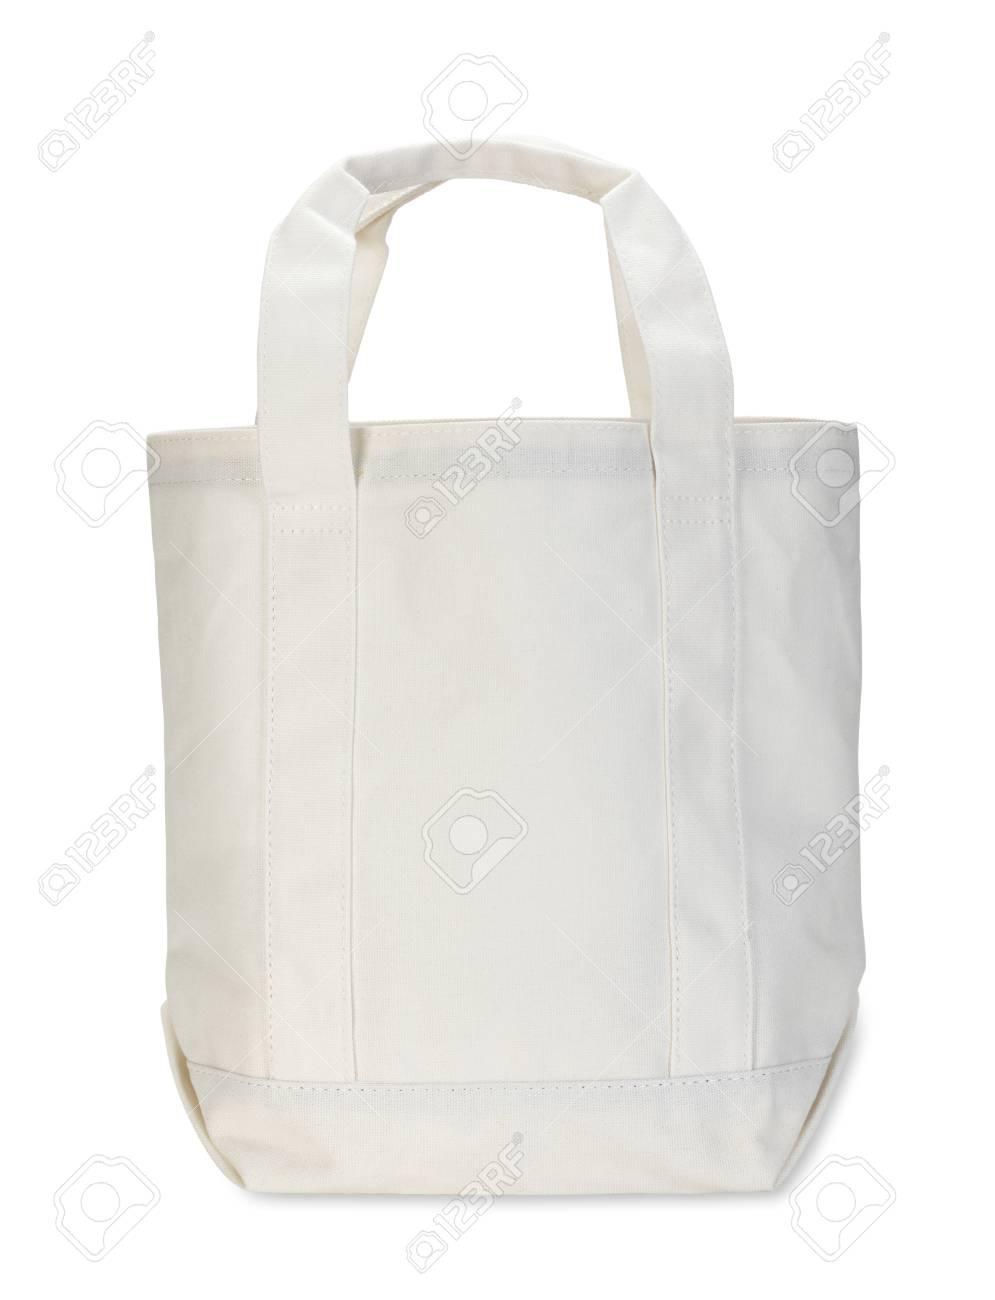 cotton bag - 46191465